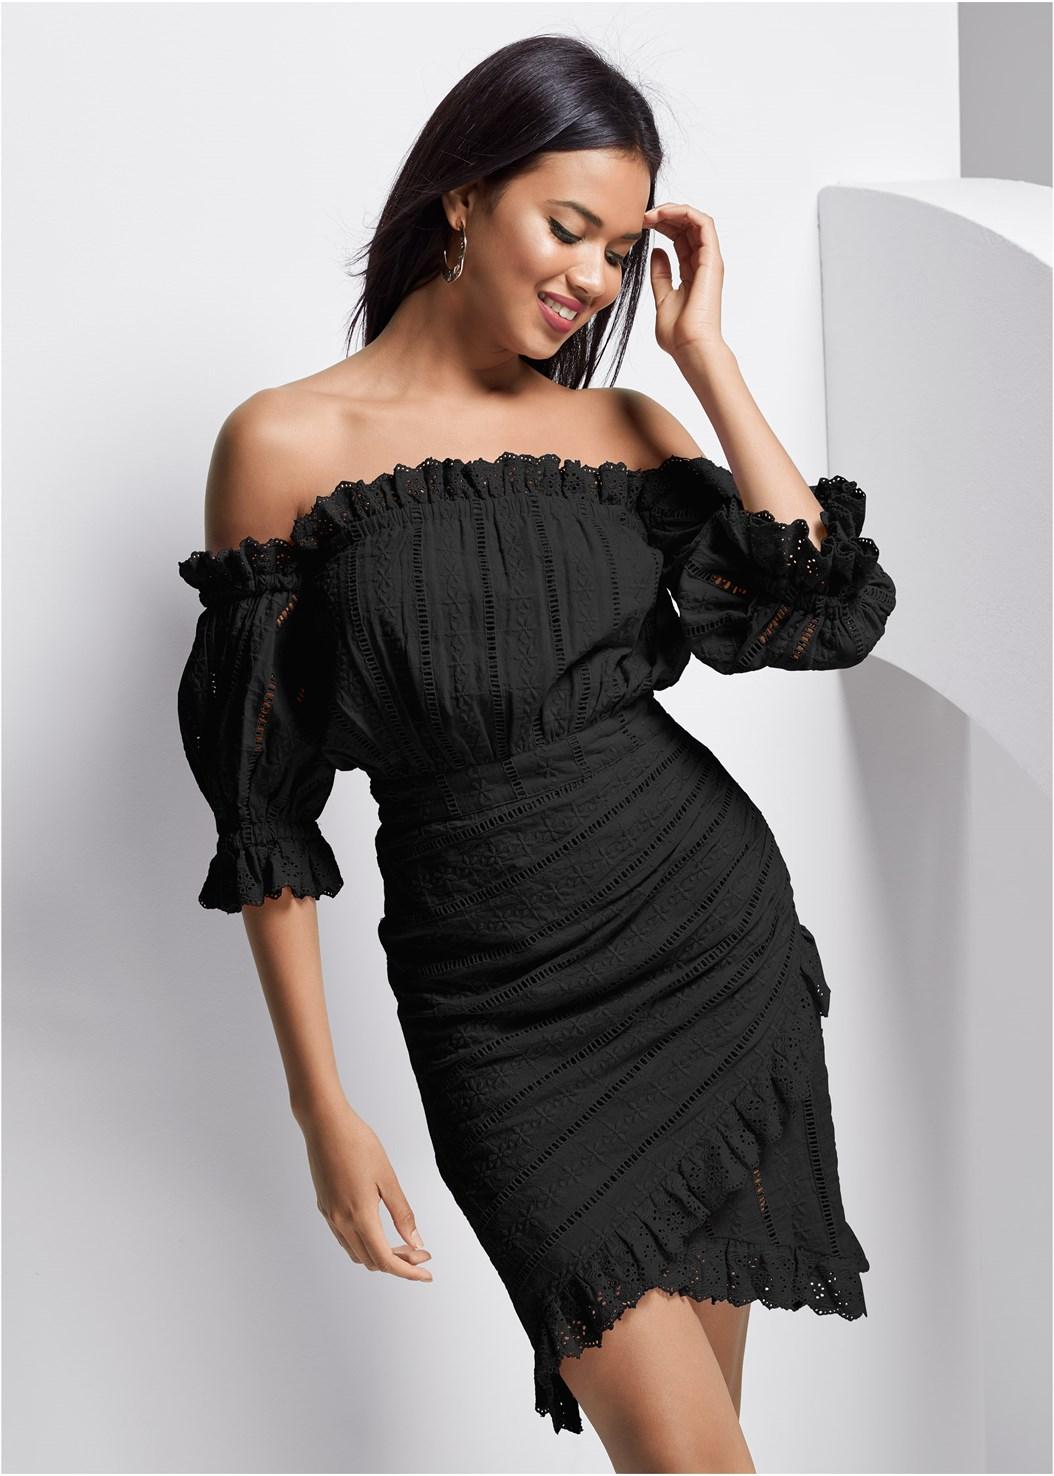 Off Shoulder Eyelet Dress,Embellished Wedges,Embellished Lucite Heel,Oversized Tassel Earrings,Wooden Handbag